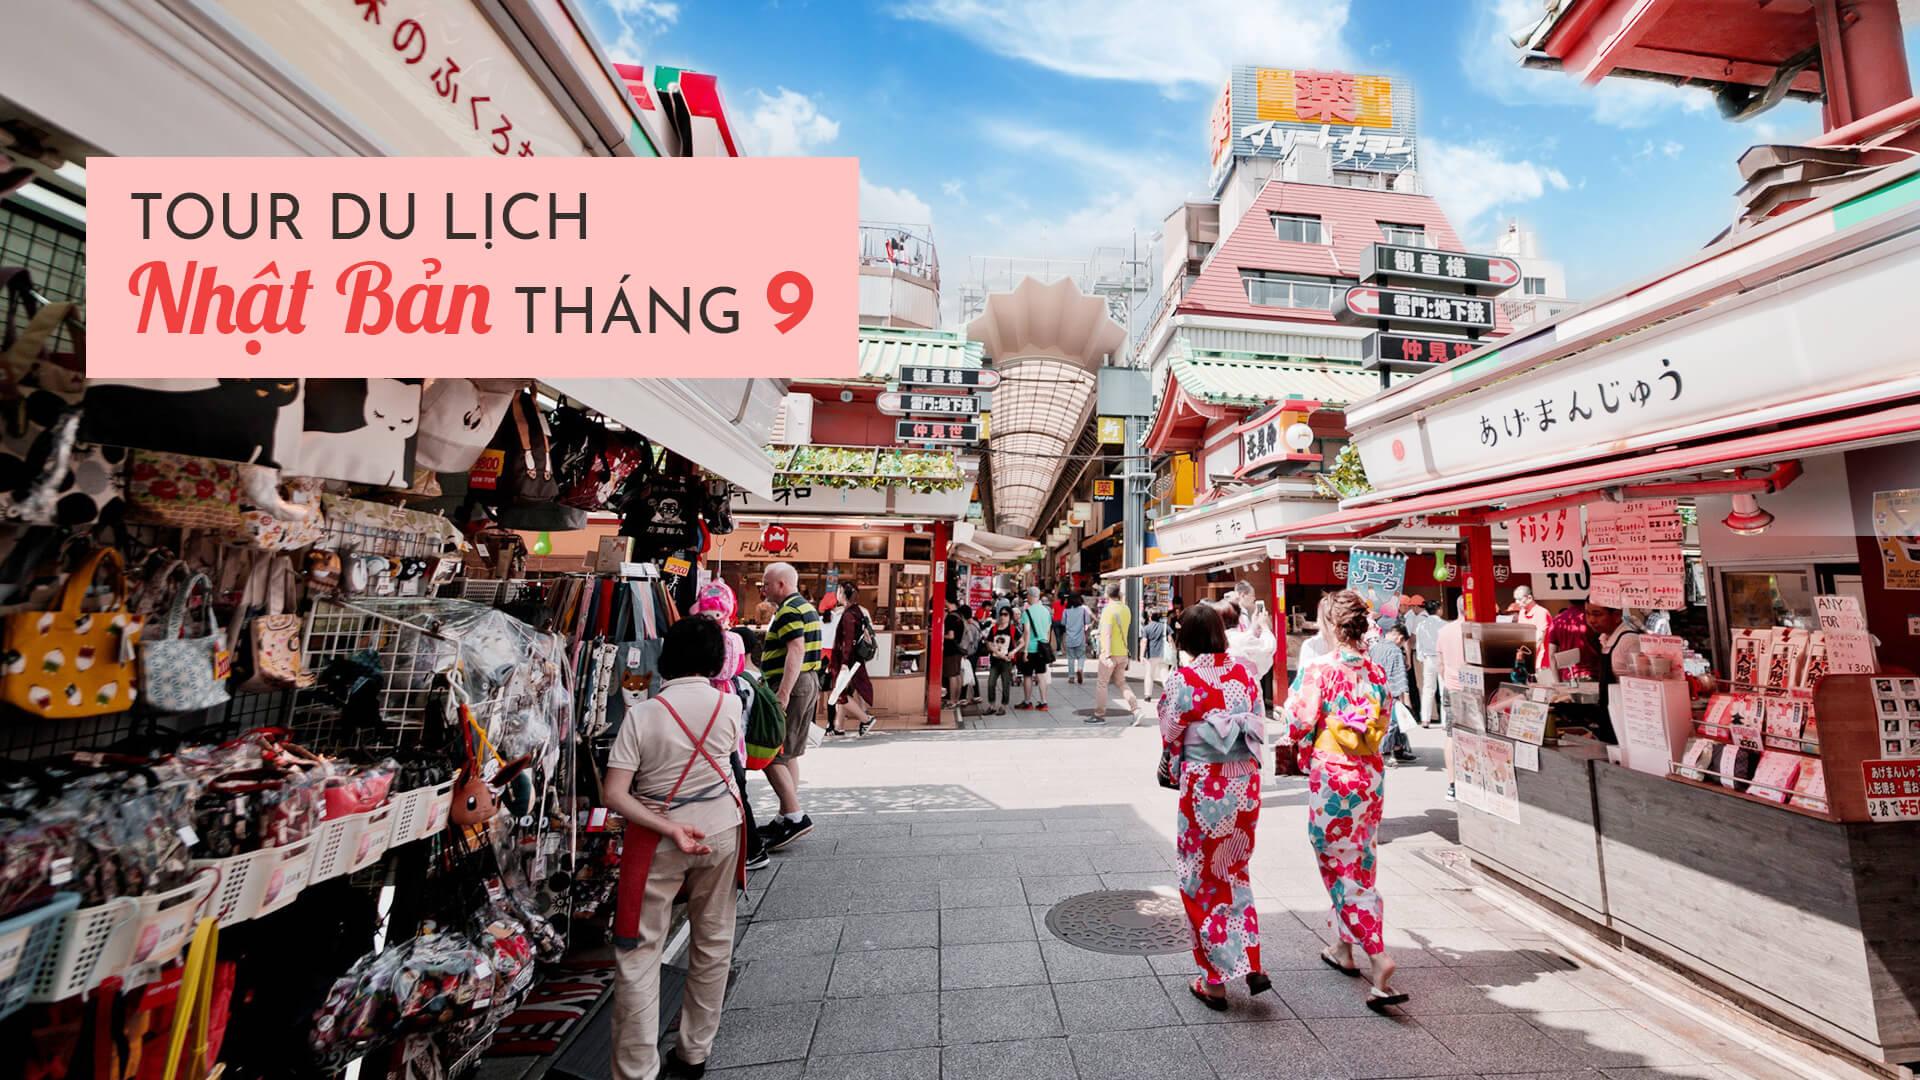 Cẩm nang tour du lịch Nhật Bản tháng 9 cho người đi lần đầu